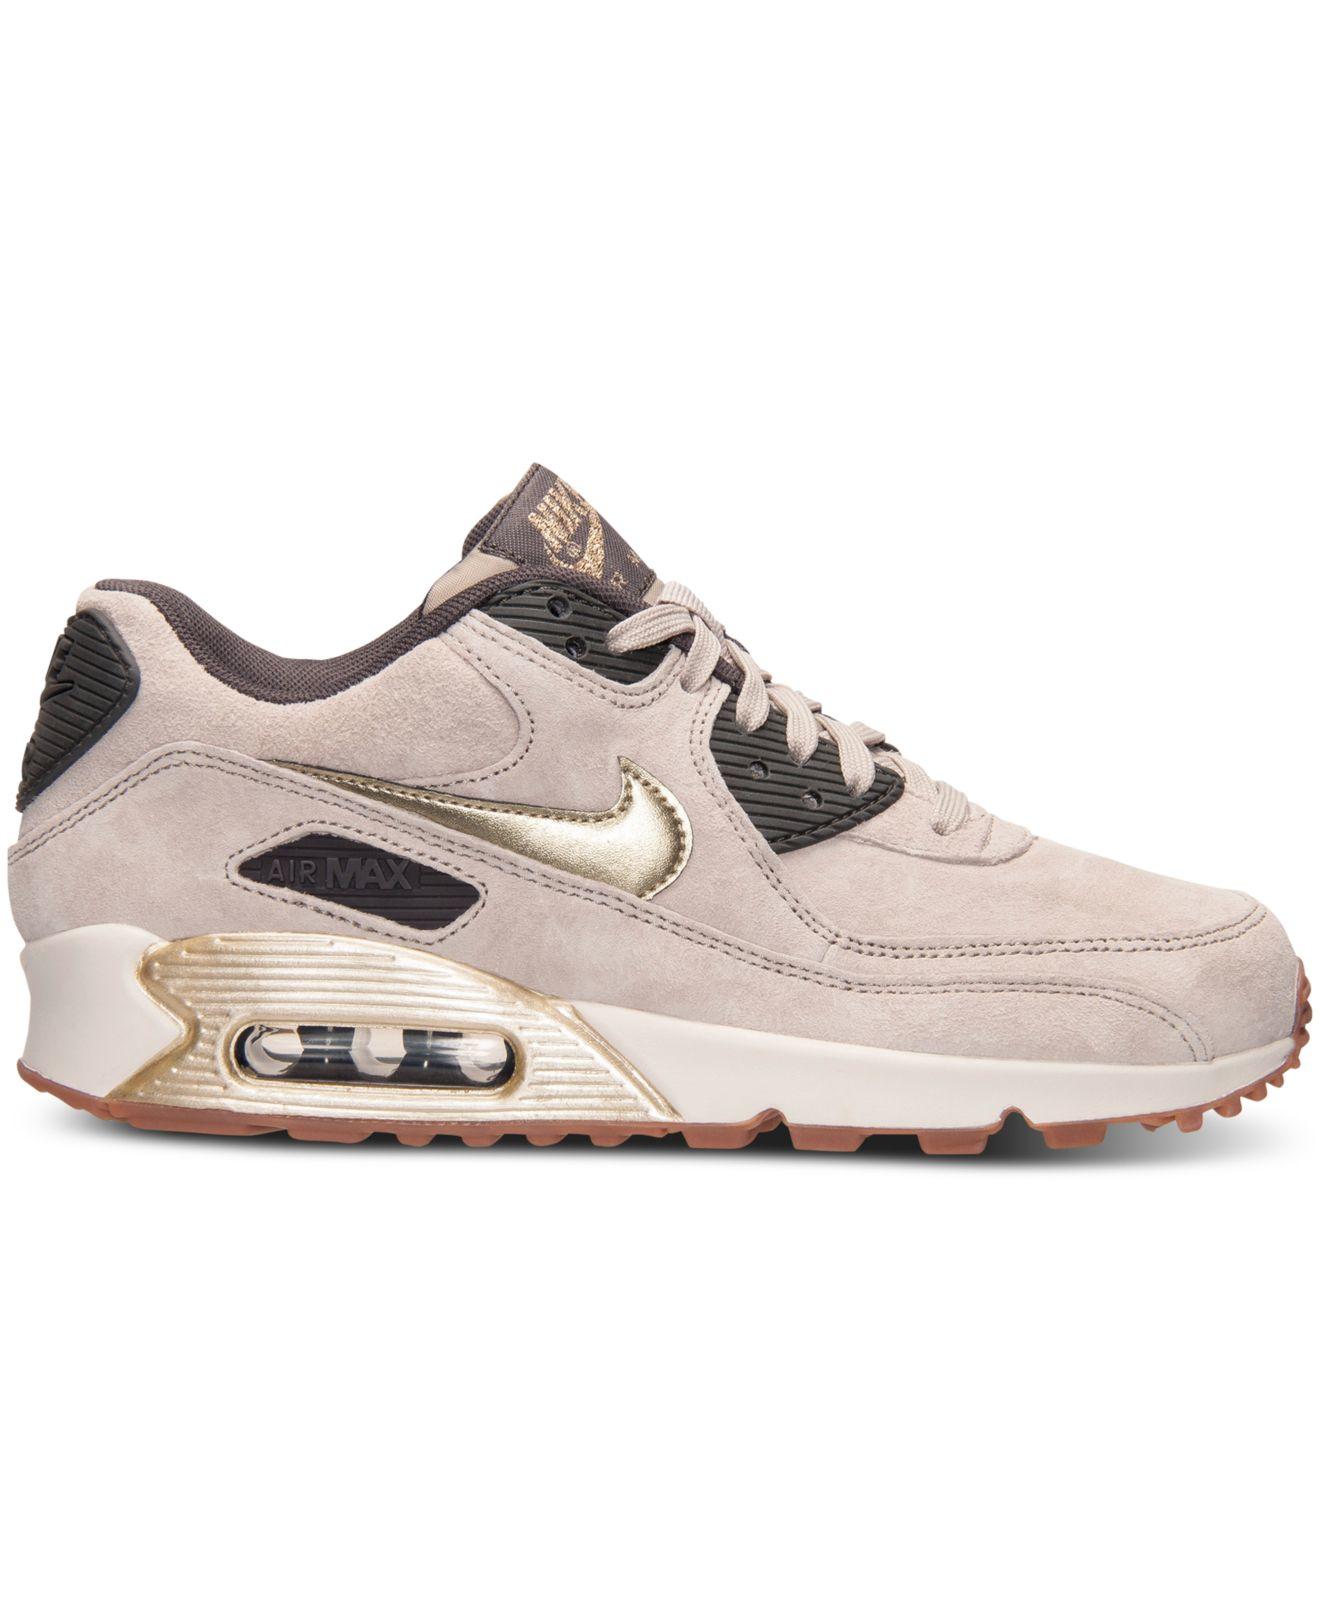 Nike Air Max 90 Premium Suede